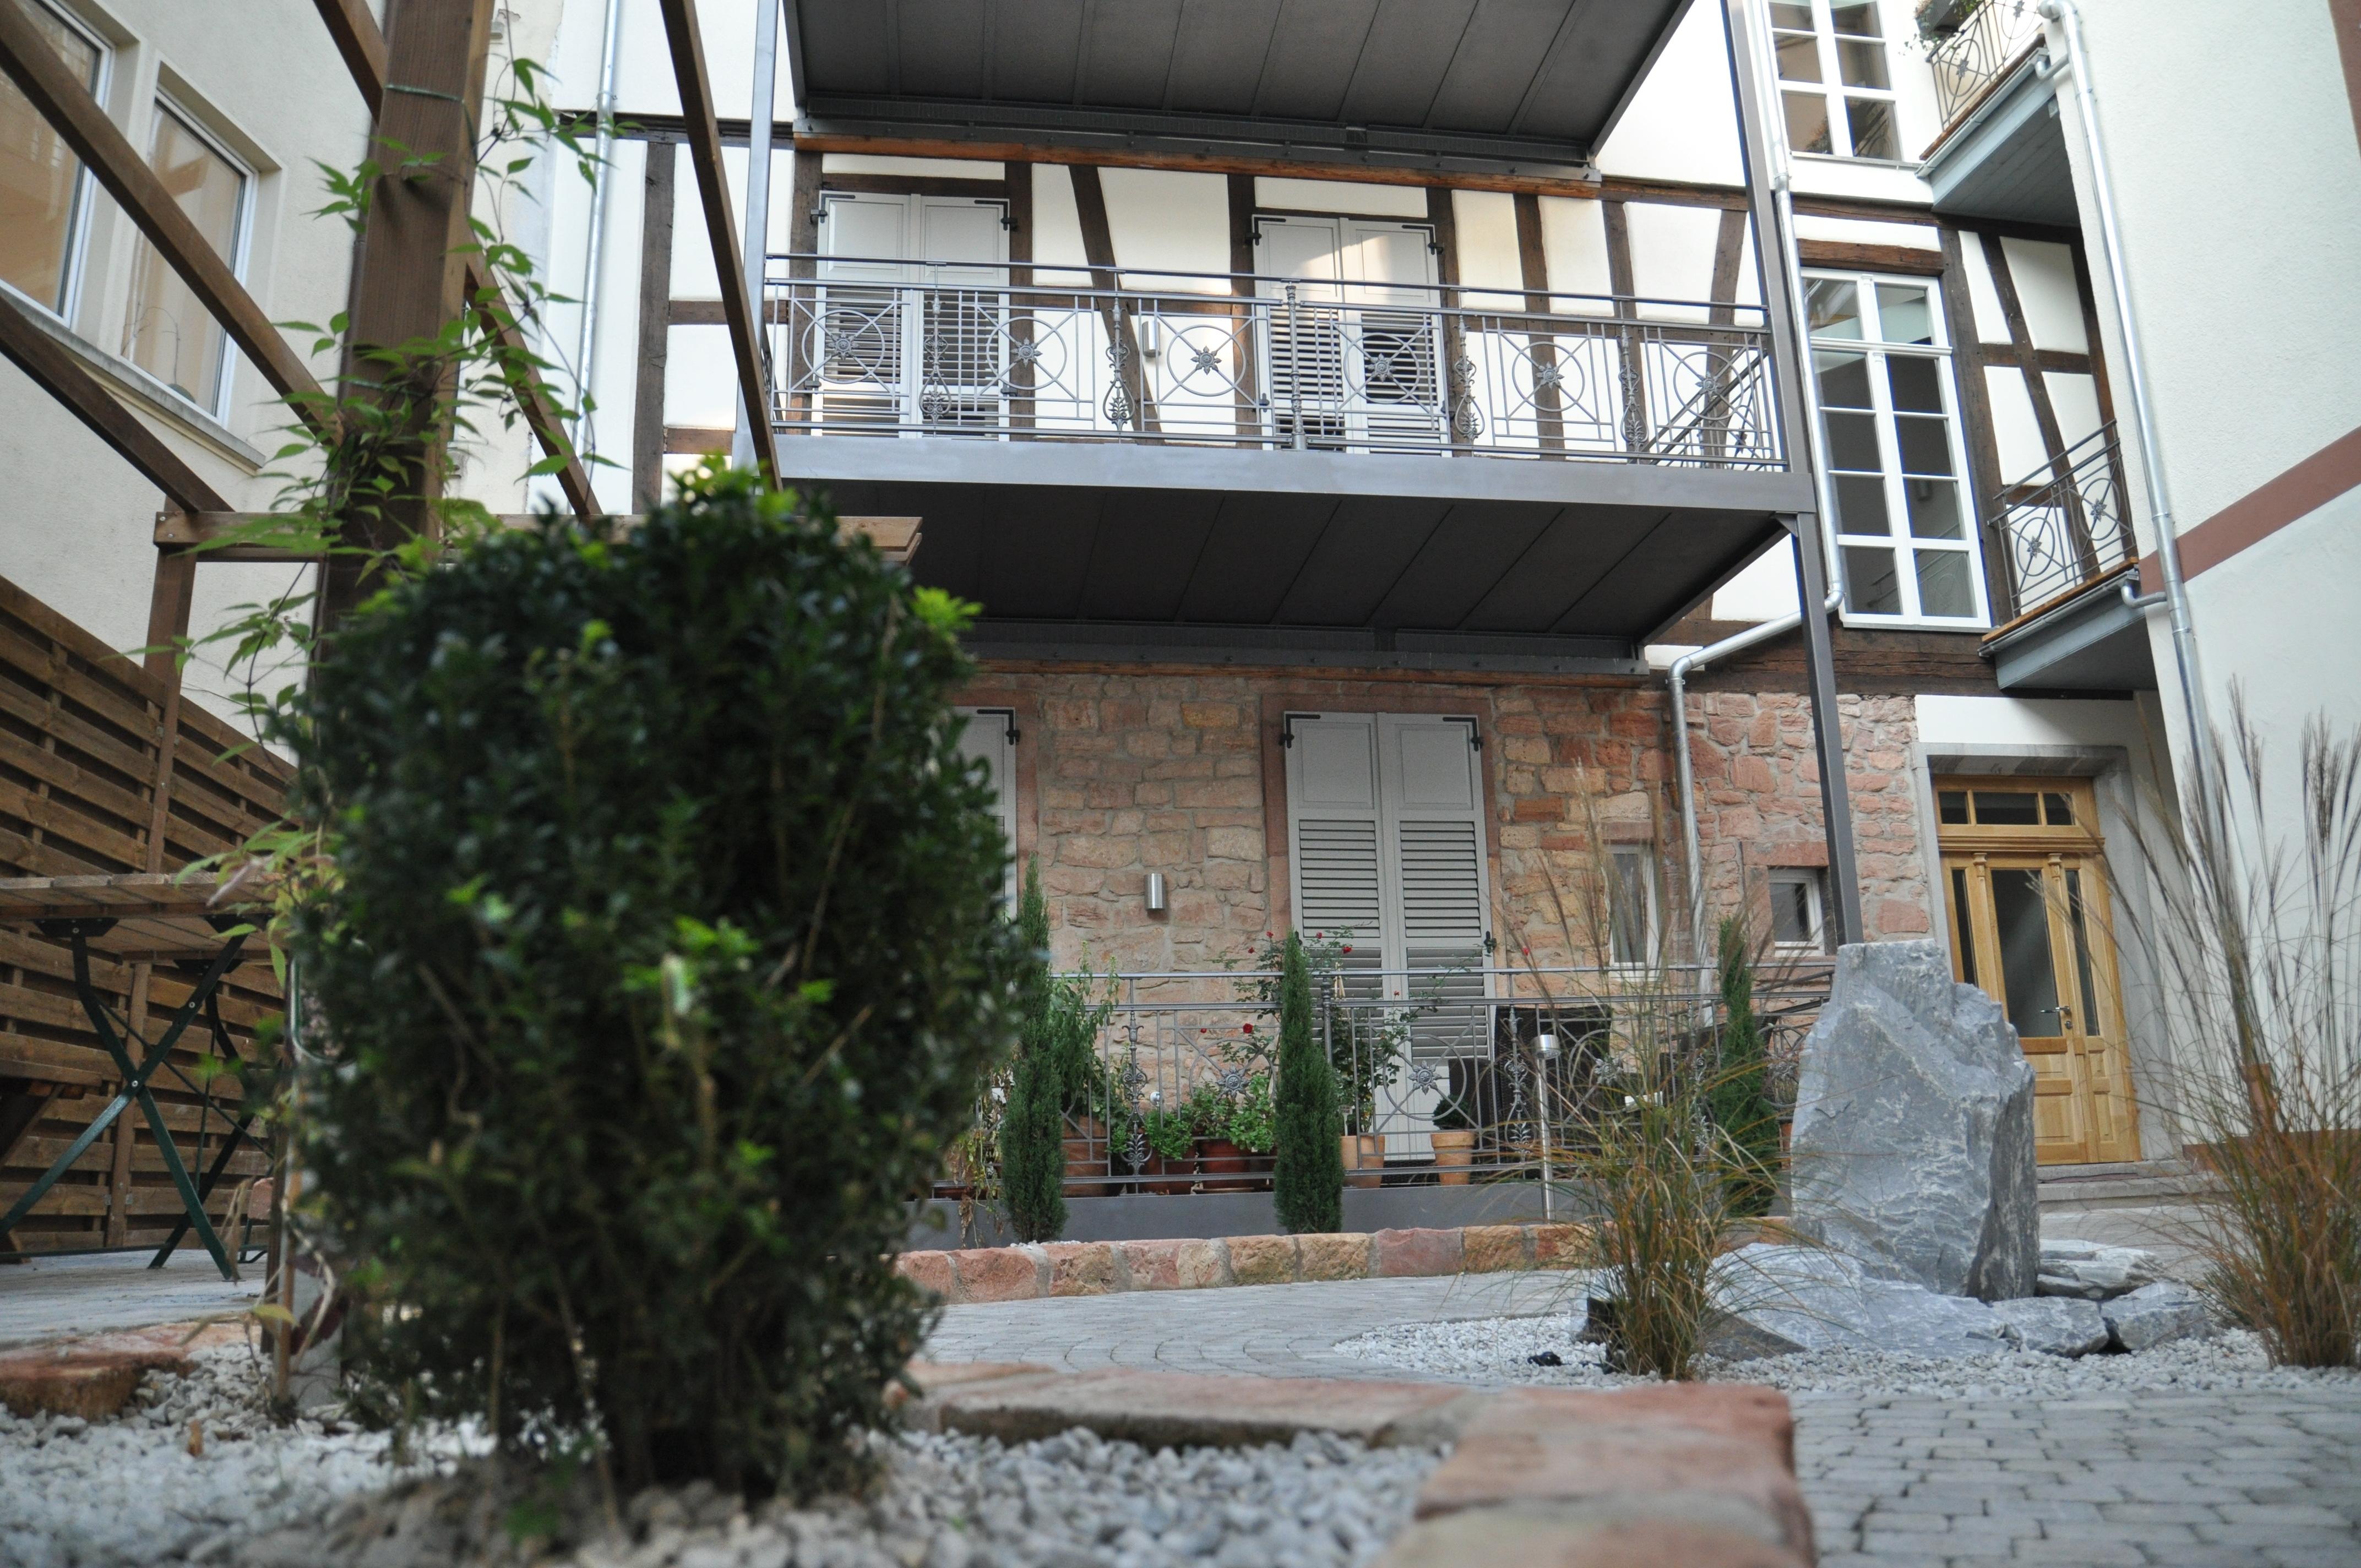 Außenanlage mit mediteranem Stil